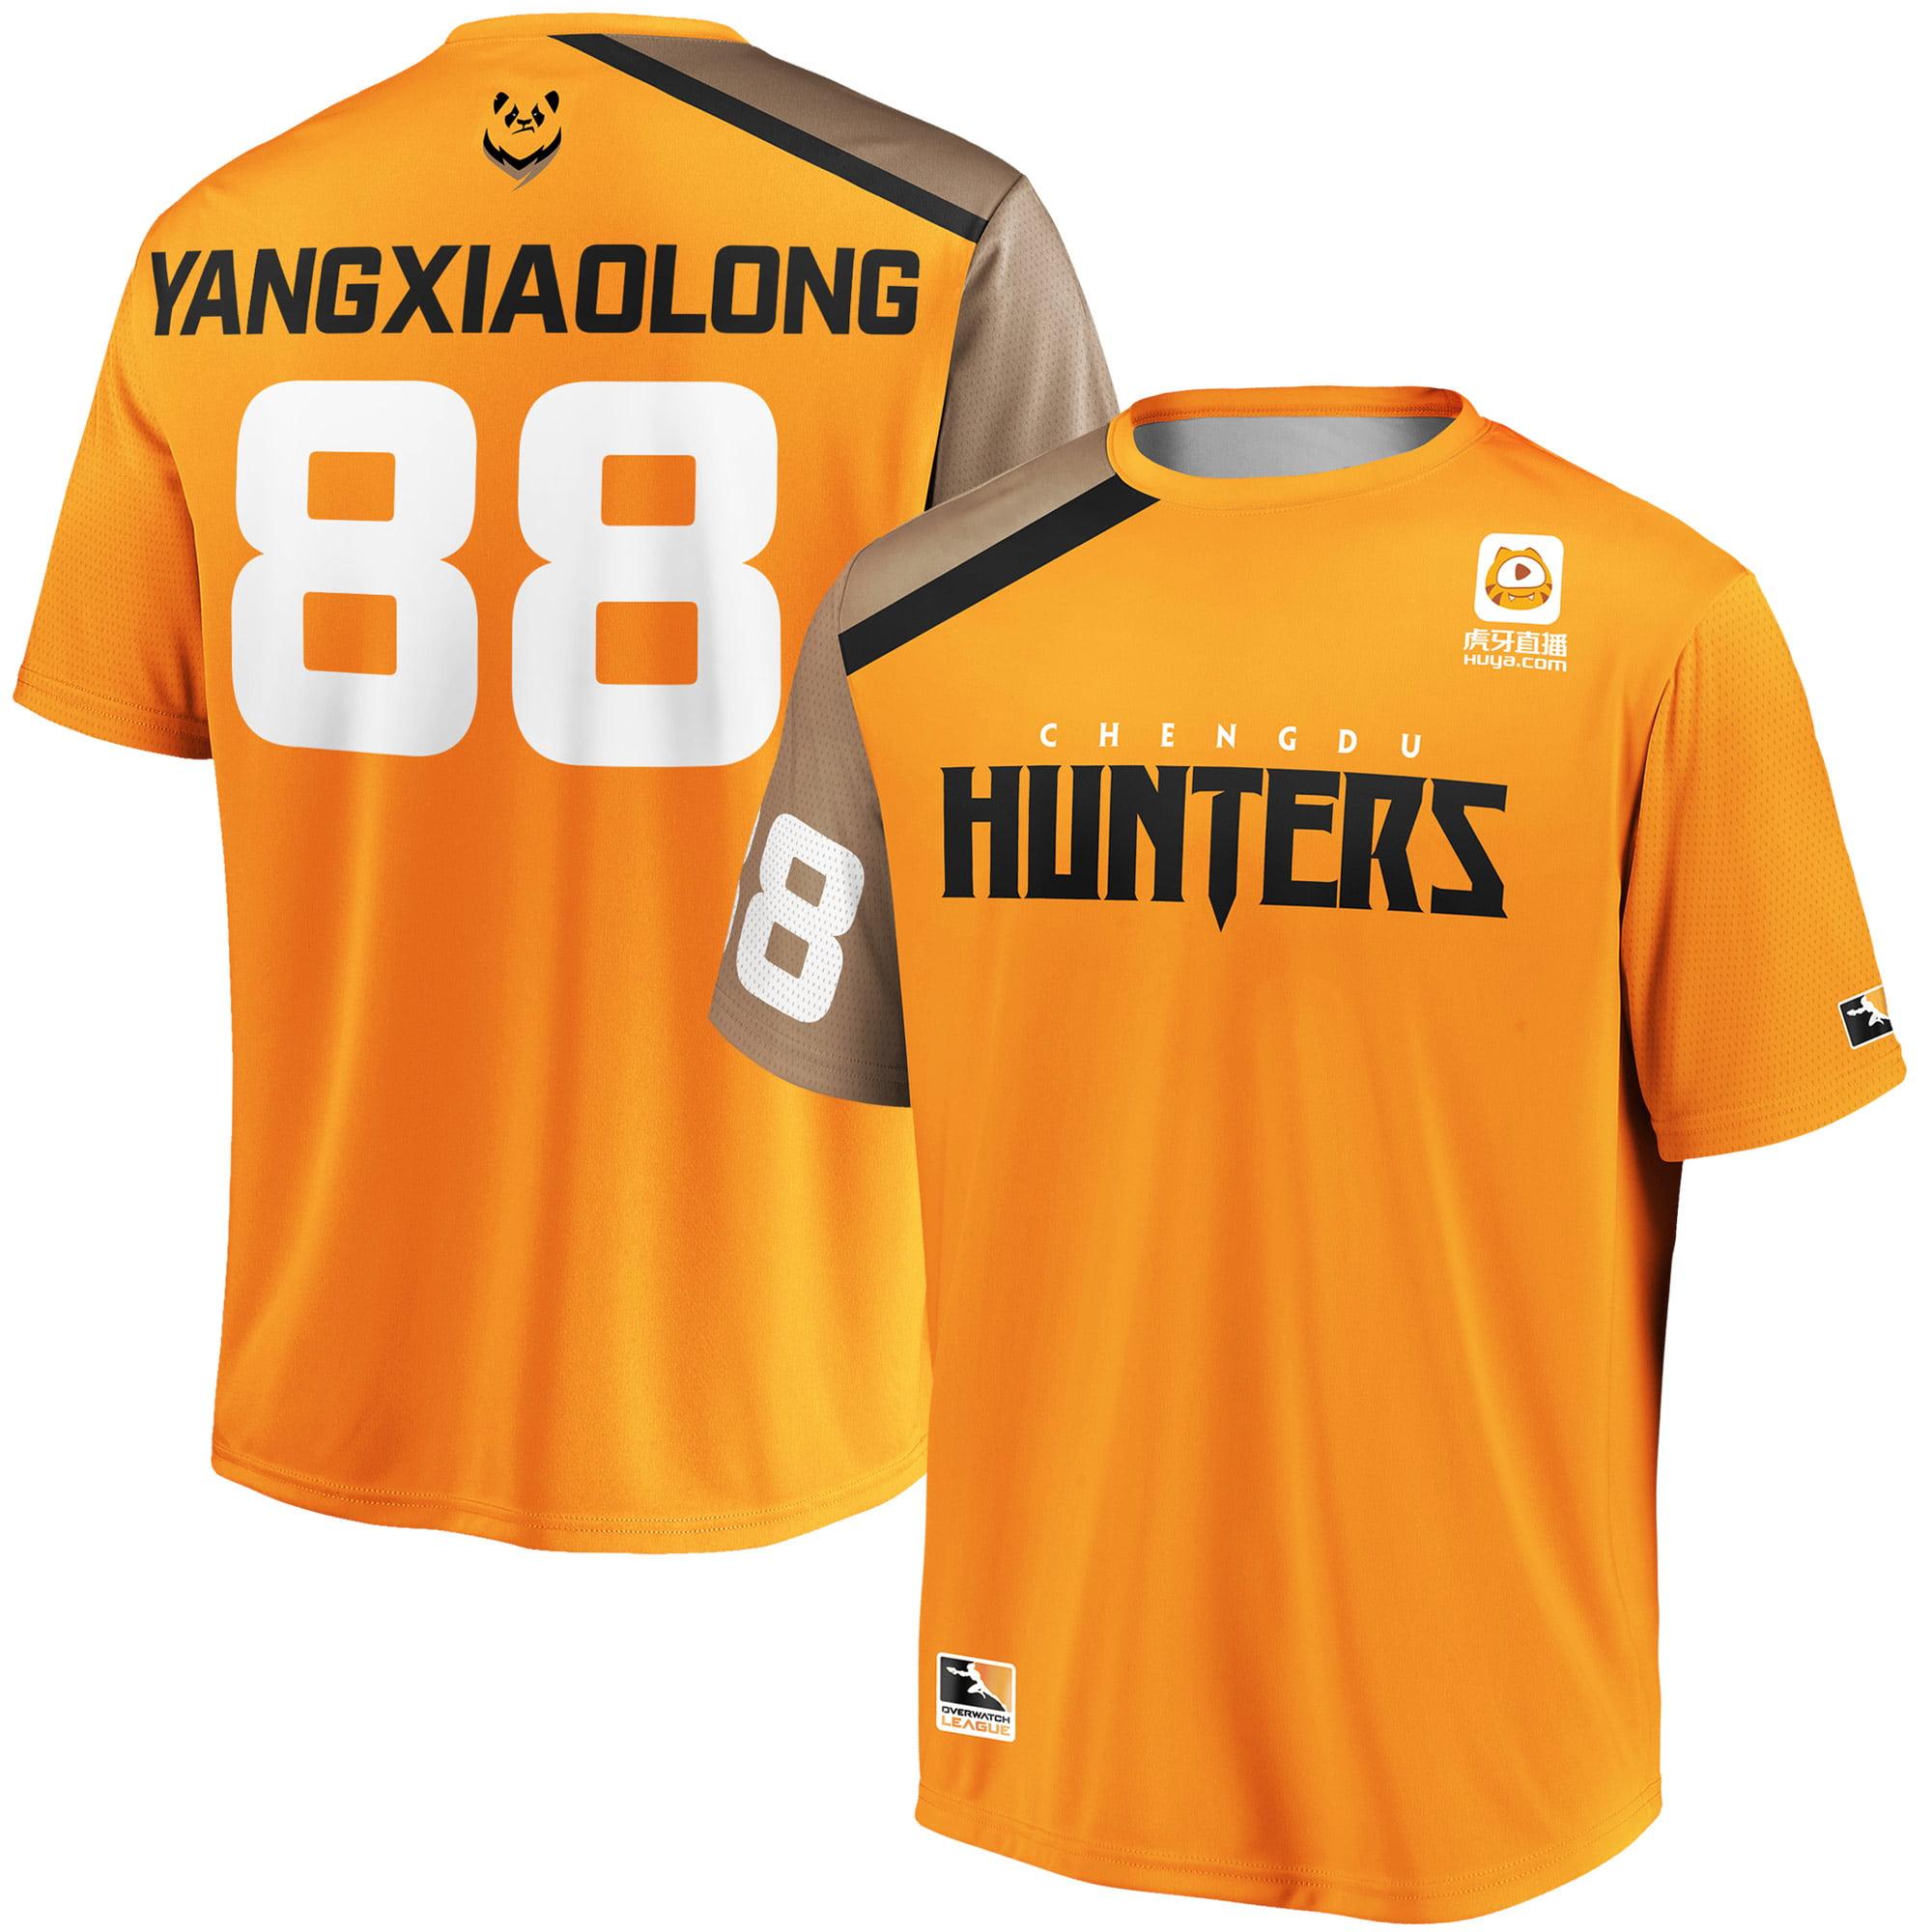 YangXiaoLong Chengdu Hunters Overwatch League Replica Home Jersey - Orange